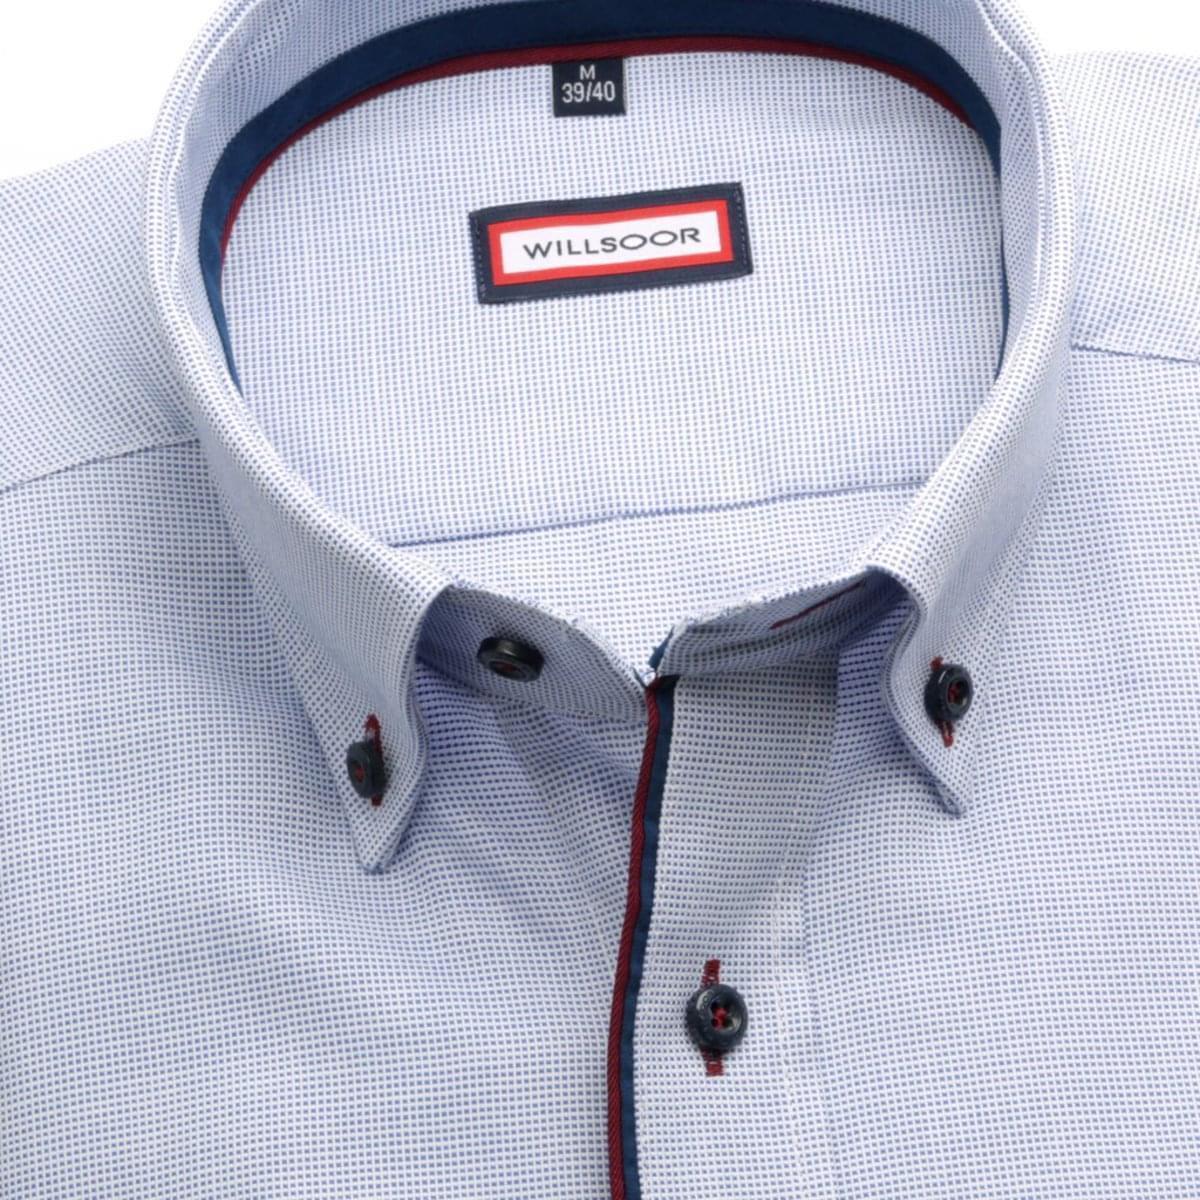 Pánská košile Slim Fit (výška 164-170) 5884 v modré barvě 164-170 / XL (43/44) 176-182 / XL (43/44)